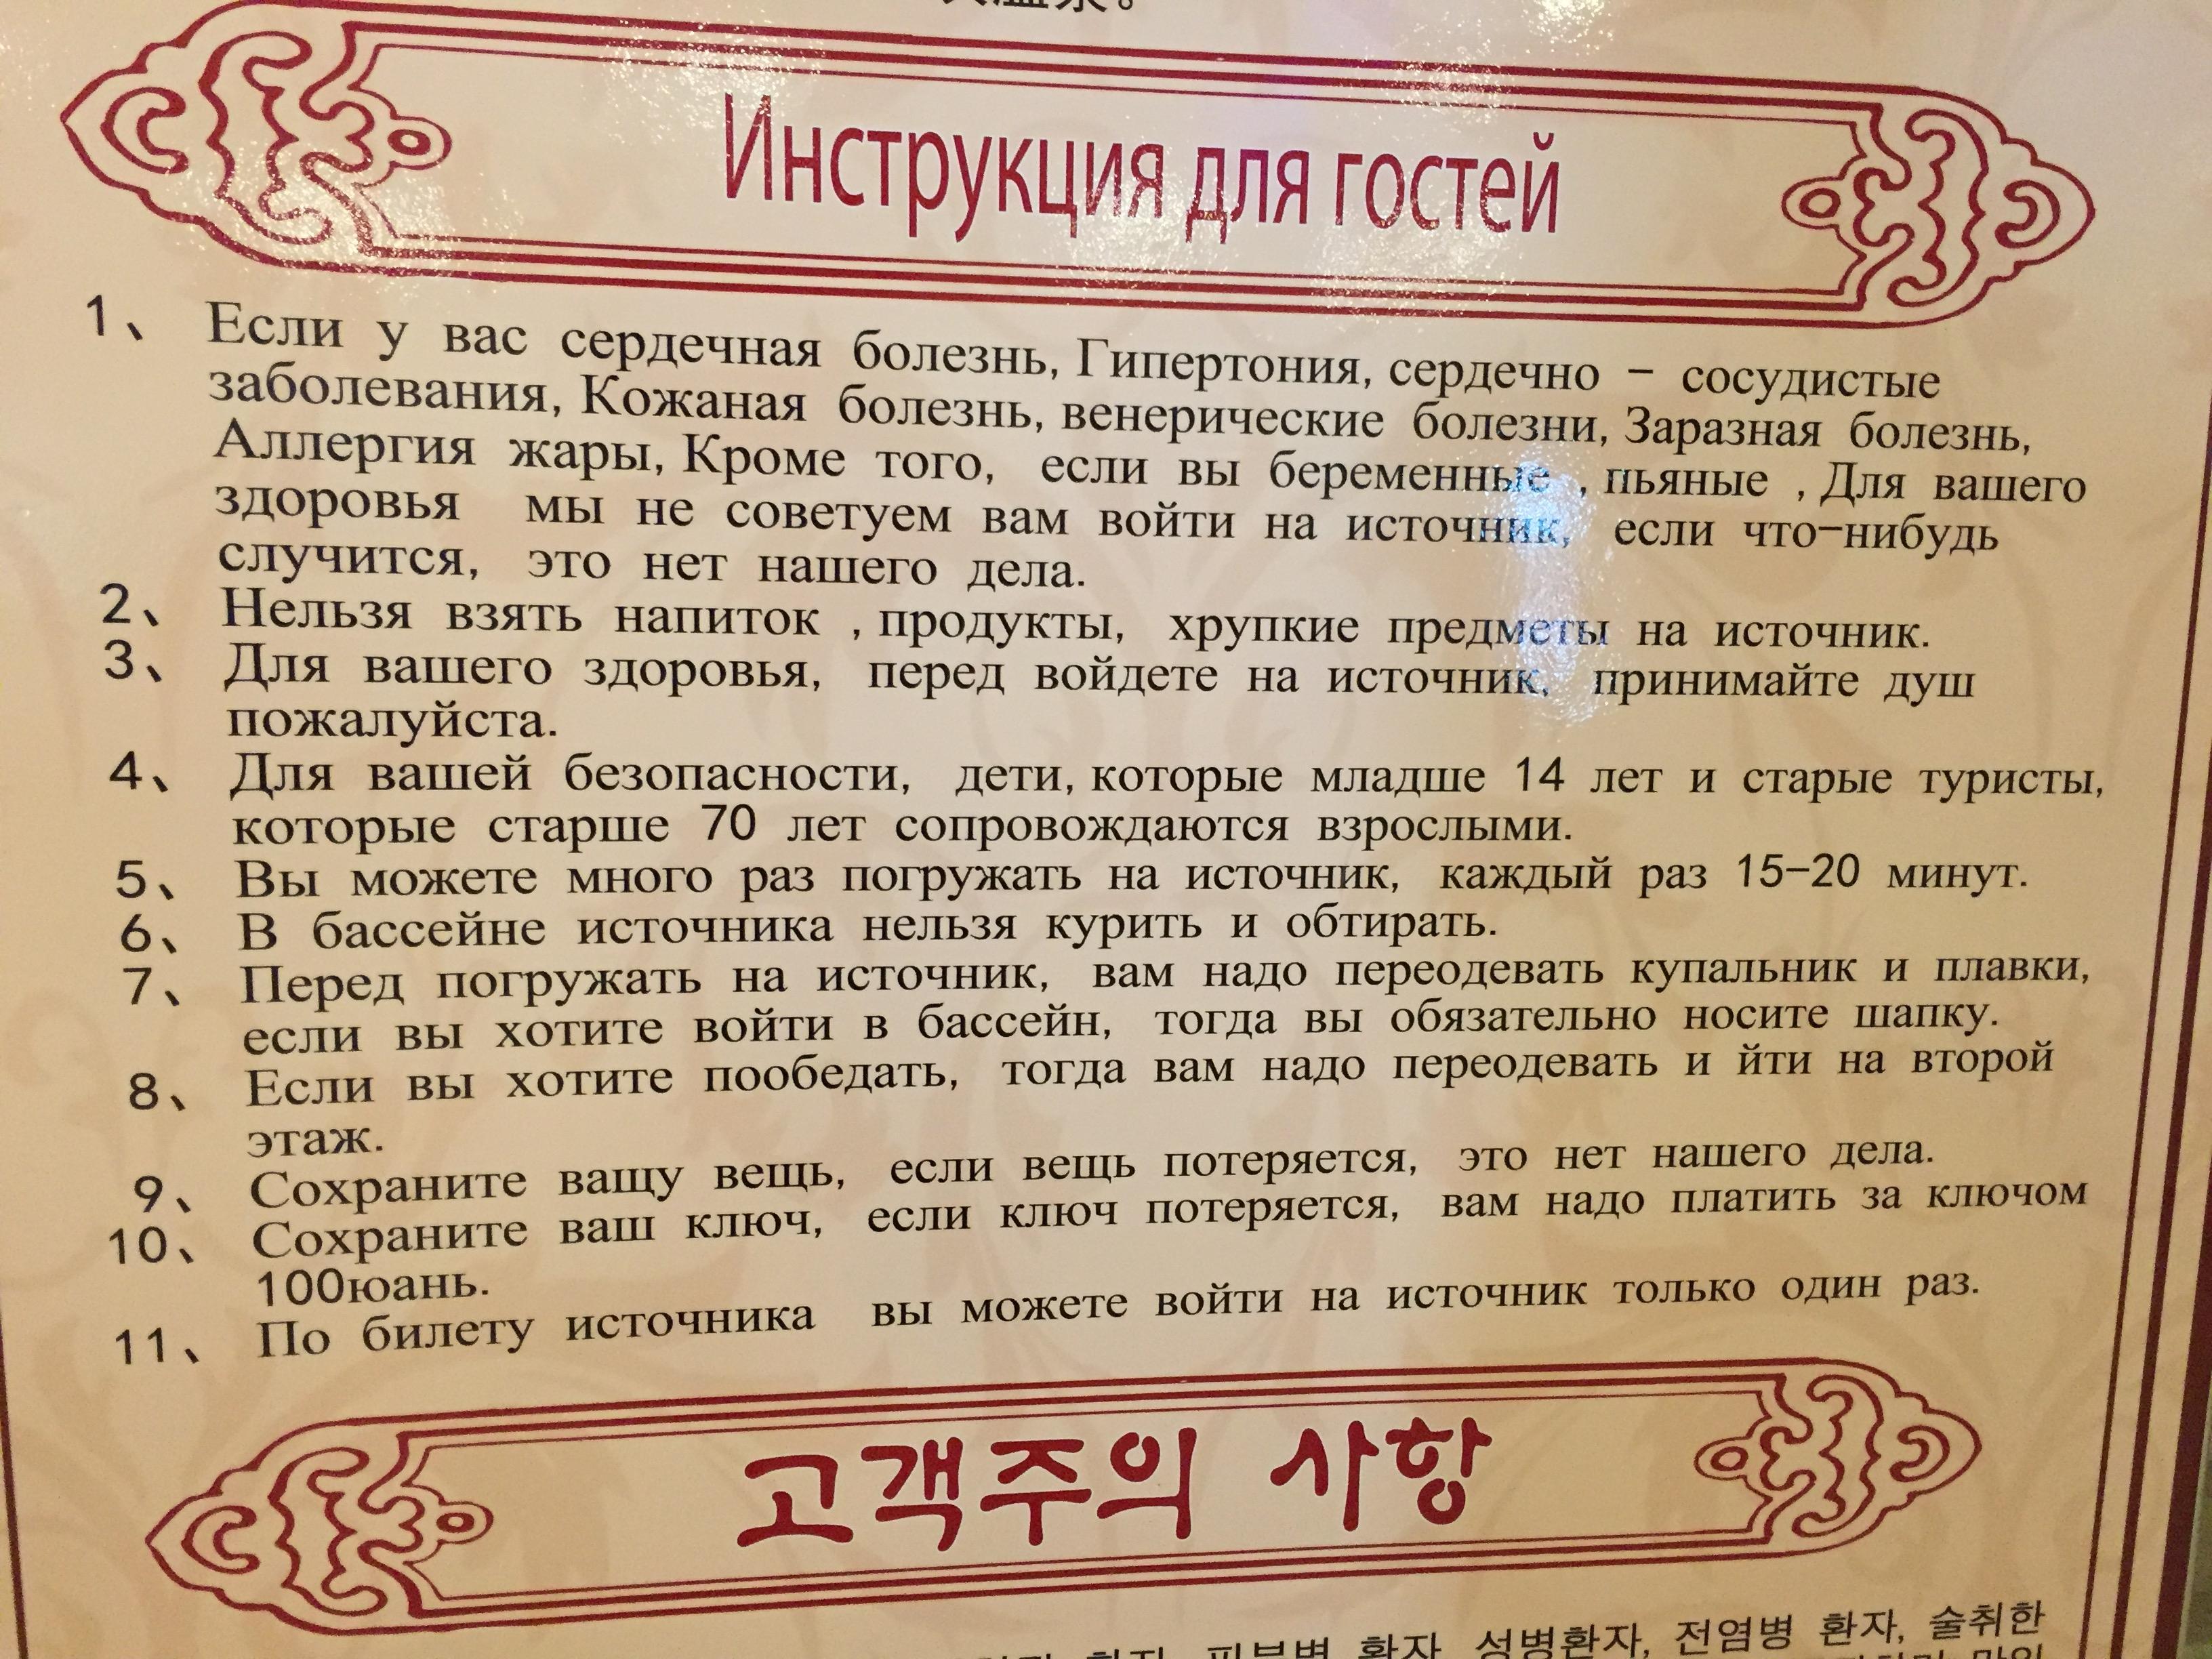 Правила для гостей источников